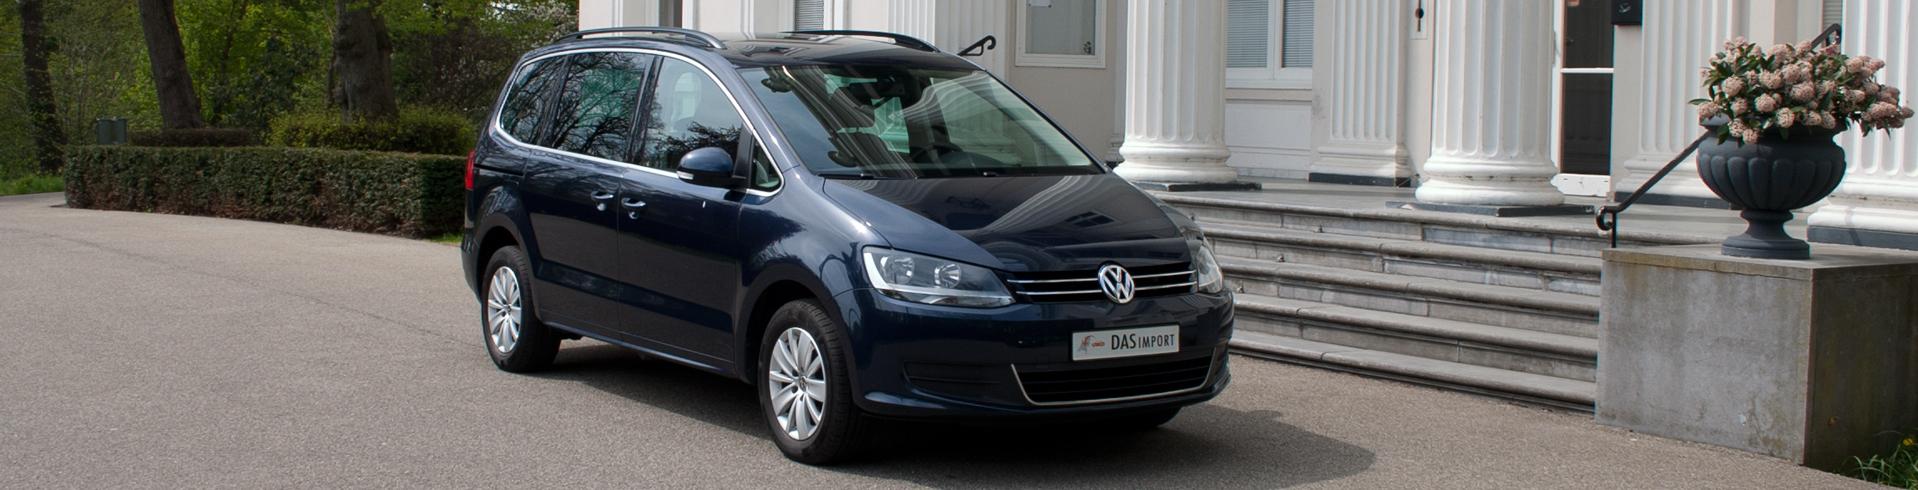 Volkswagen-Sharan-uit-Duitsland